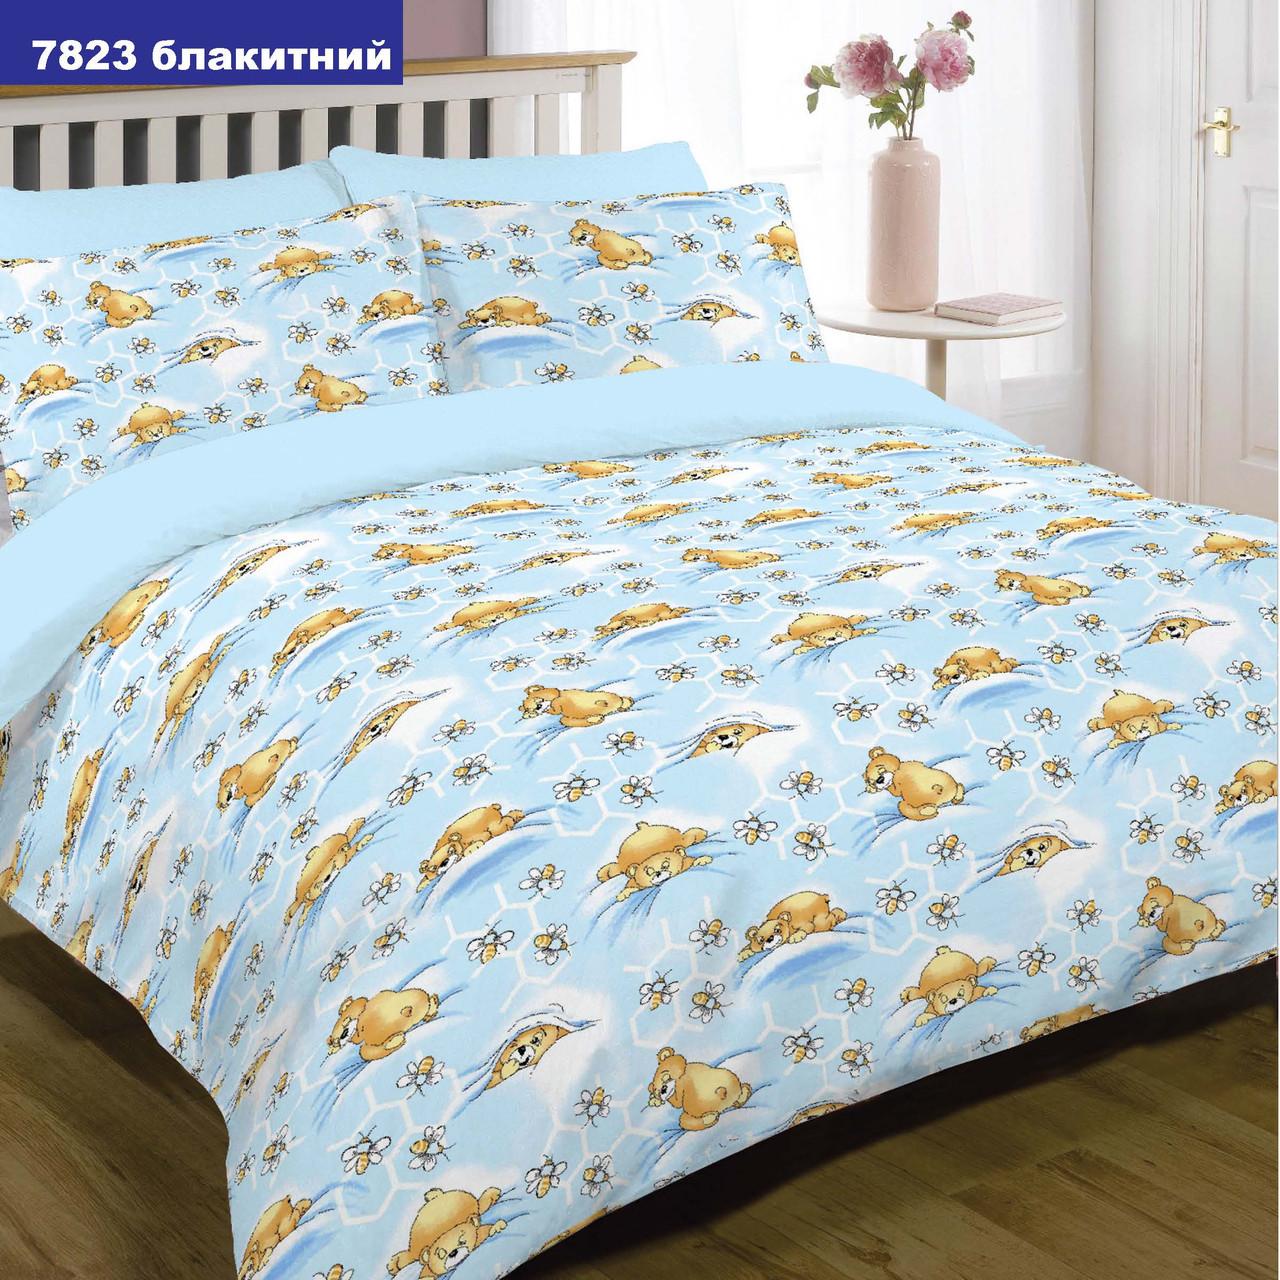 Комплект постельного белья детский ранфорс 7823 голубой ТМ Вилюта